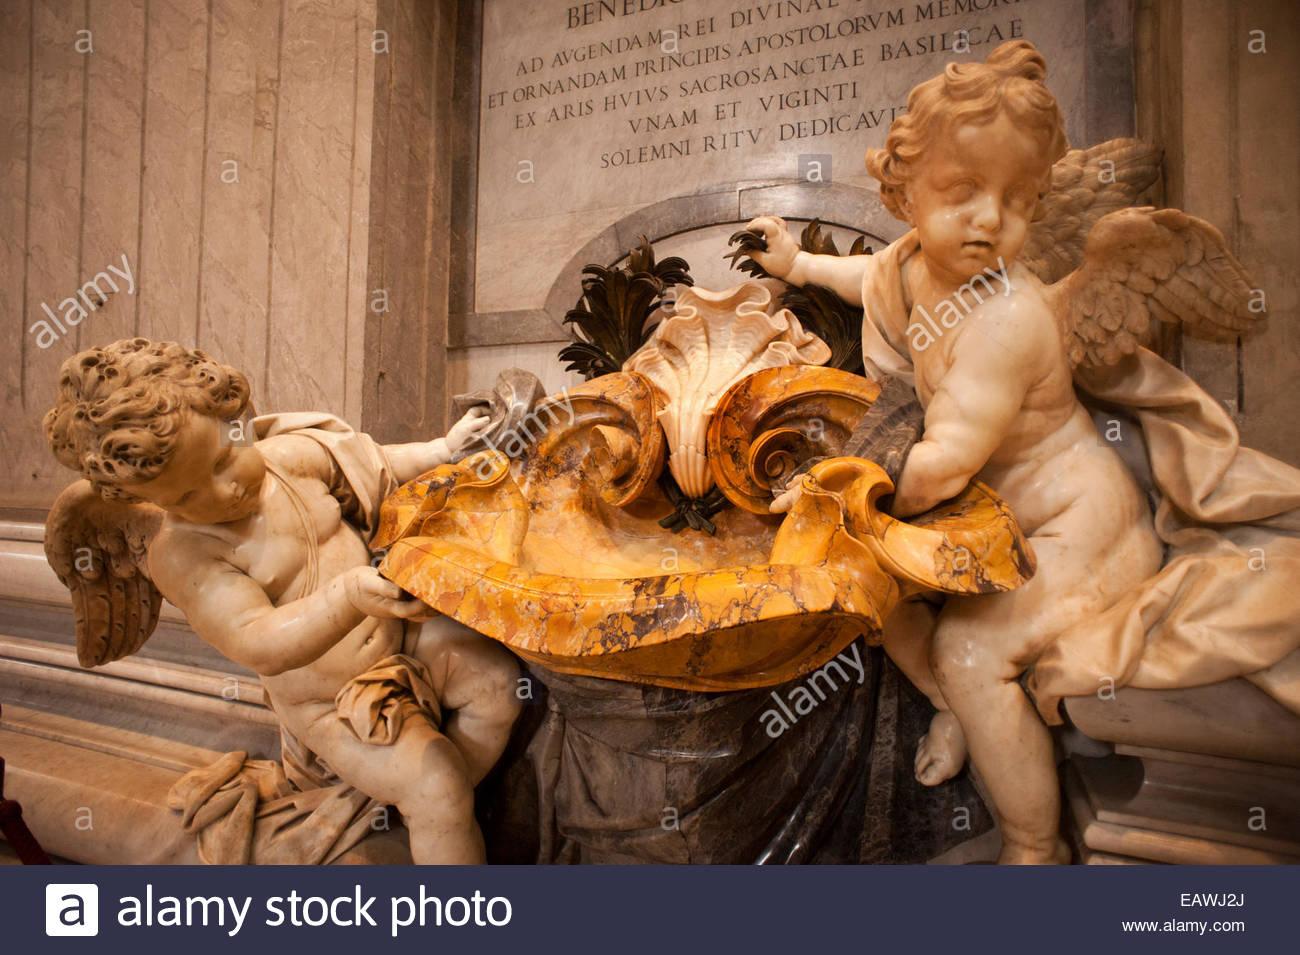 Angeli fiancheggiano una fontana in Vaticano. Immagini Stock